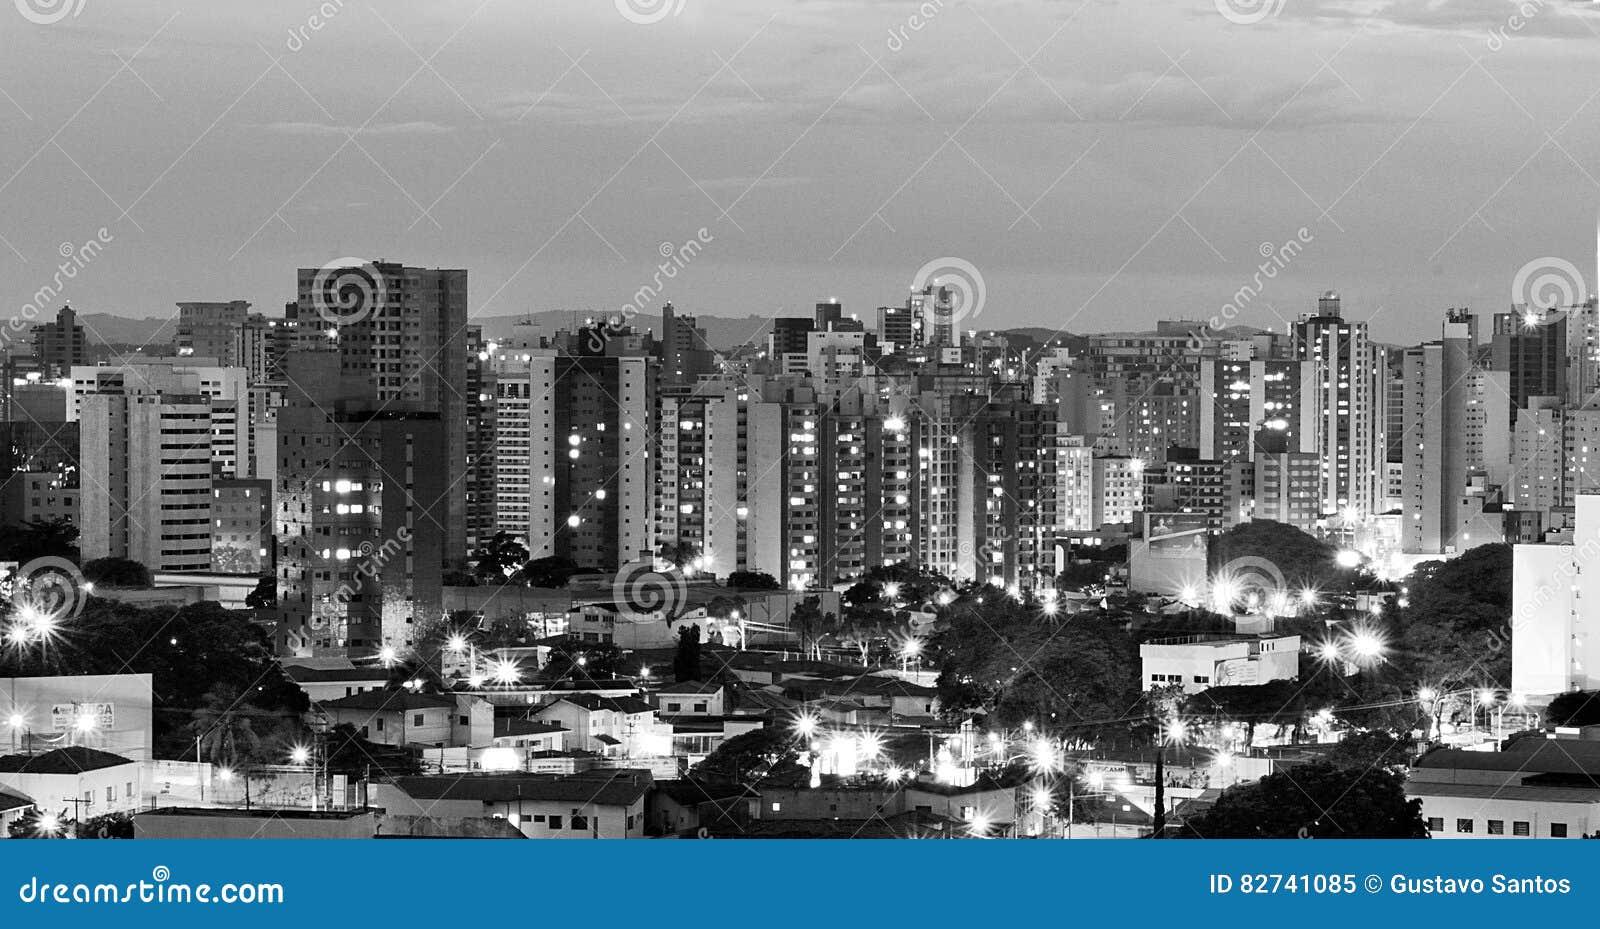 Hoogste mening van de stad van Campinas bij avond, in Brazilië, in zwart-witte versie